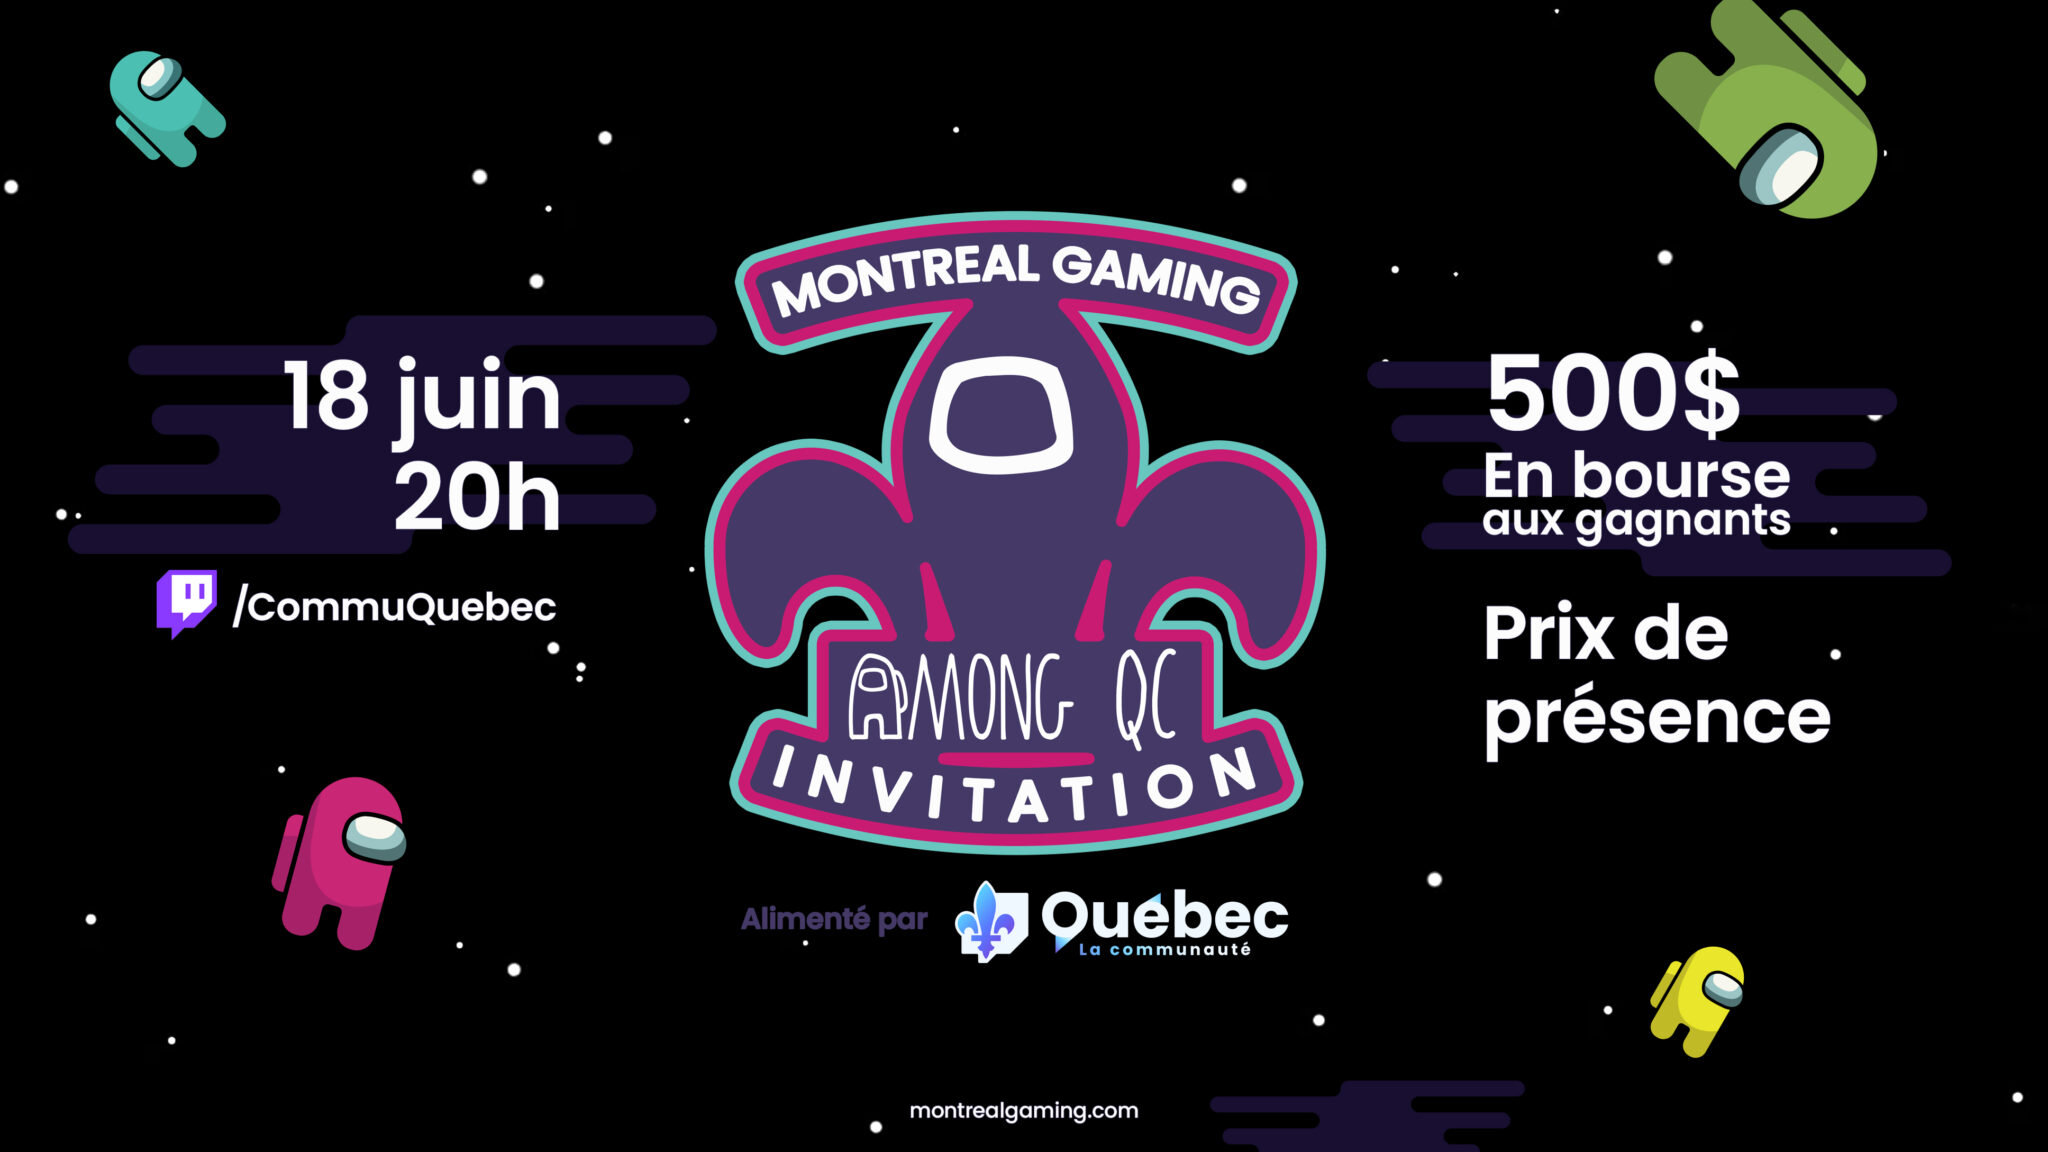 montreal gaming among us